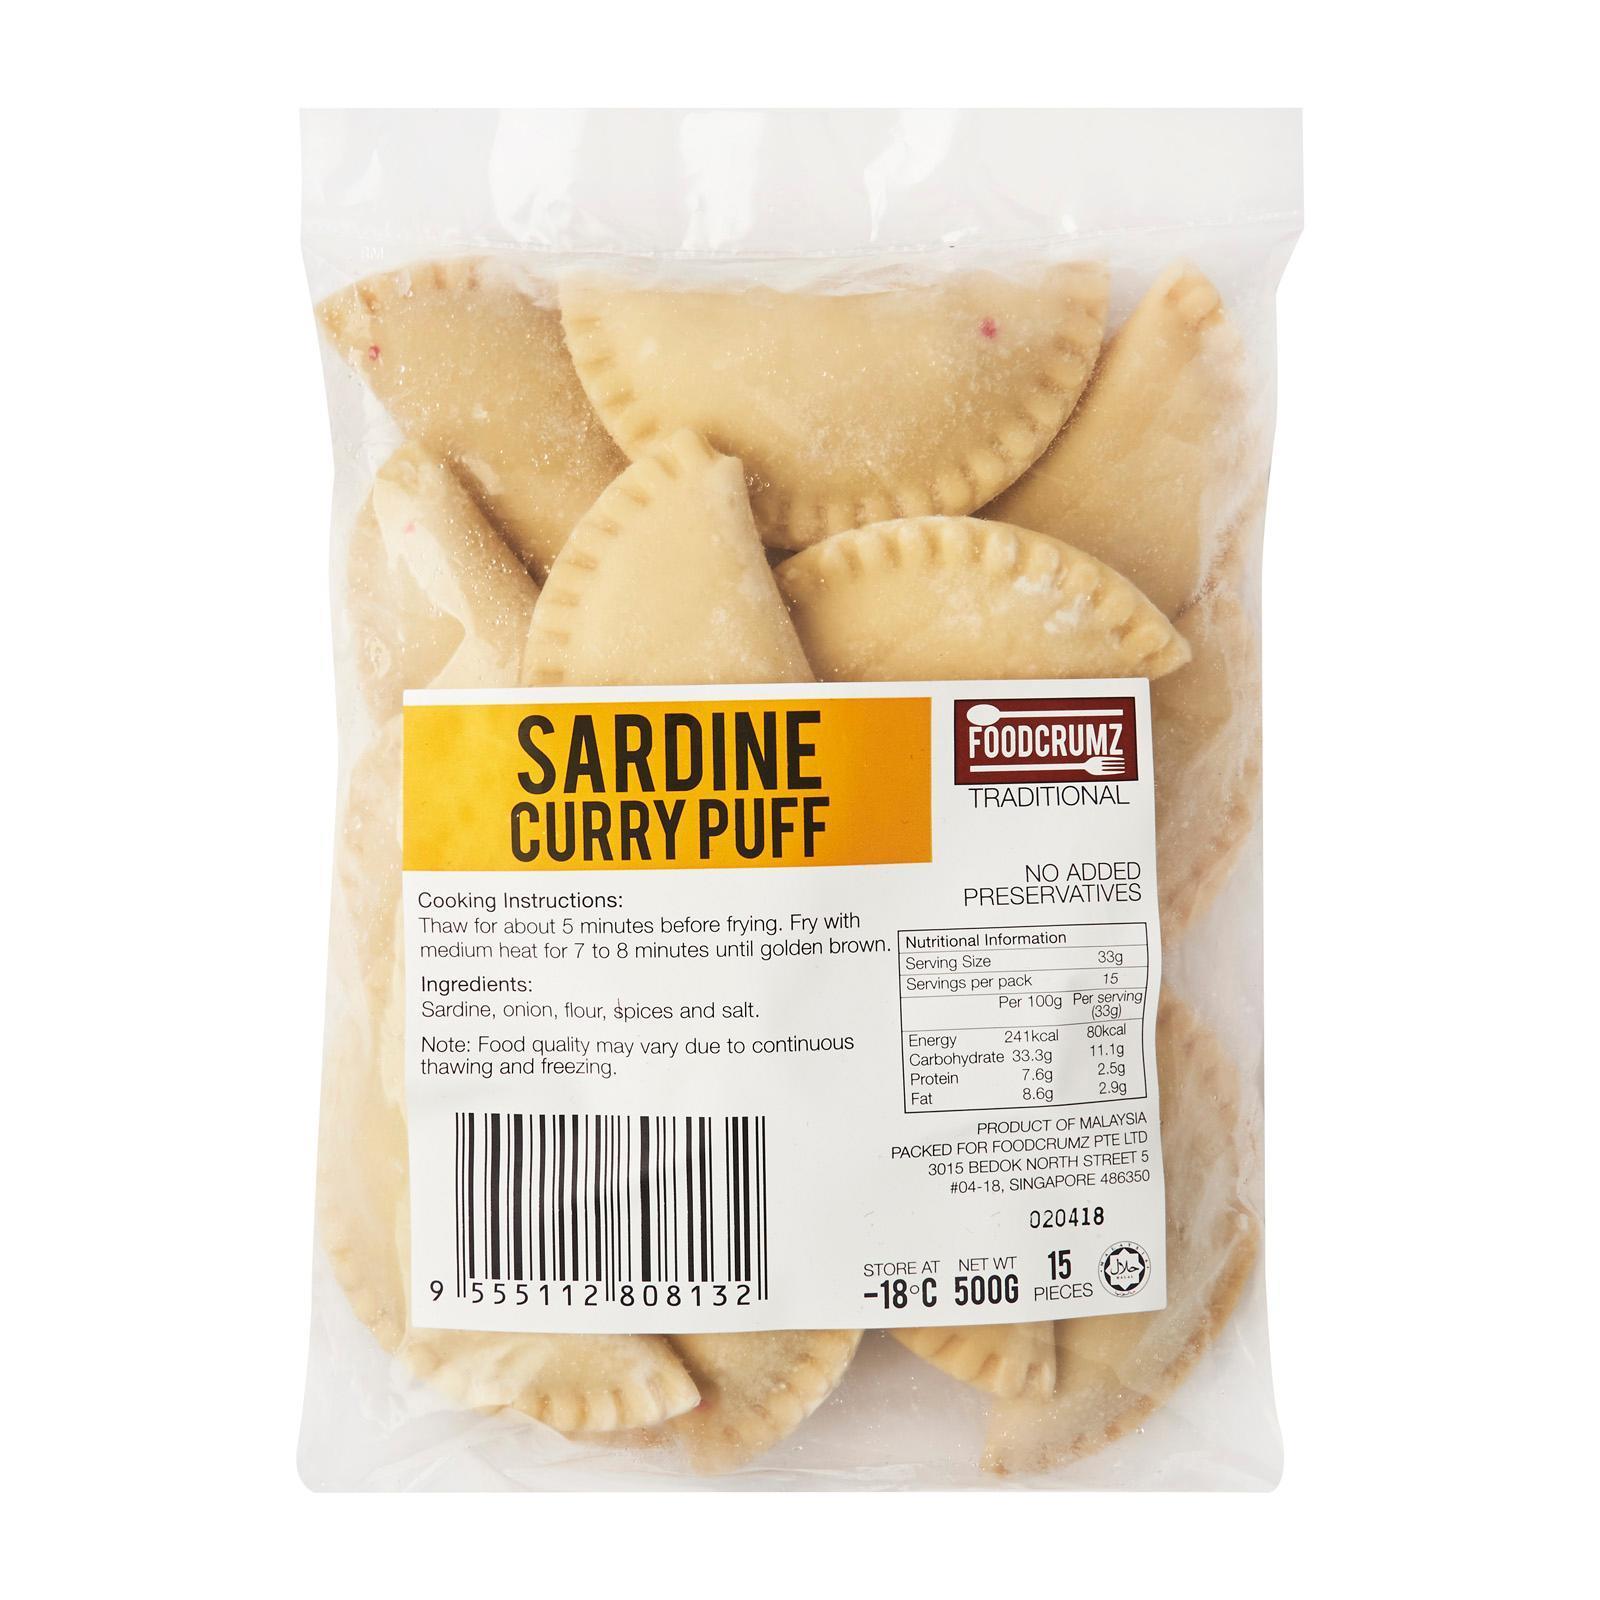 Foodcrumz Sardine Curry Puff - Frozen